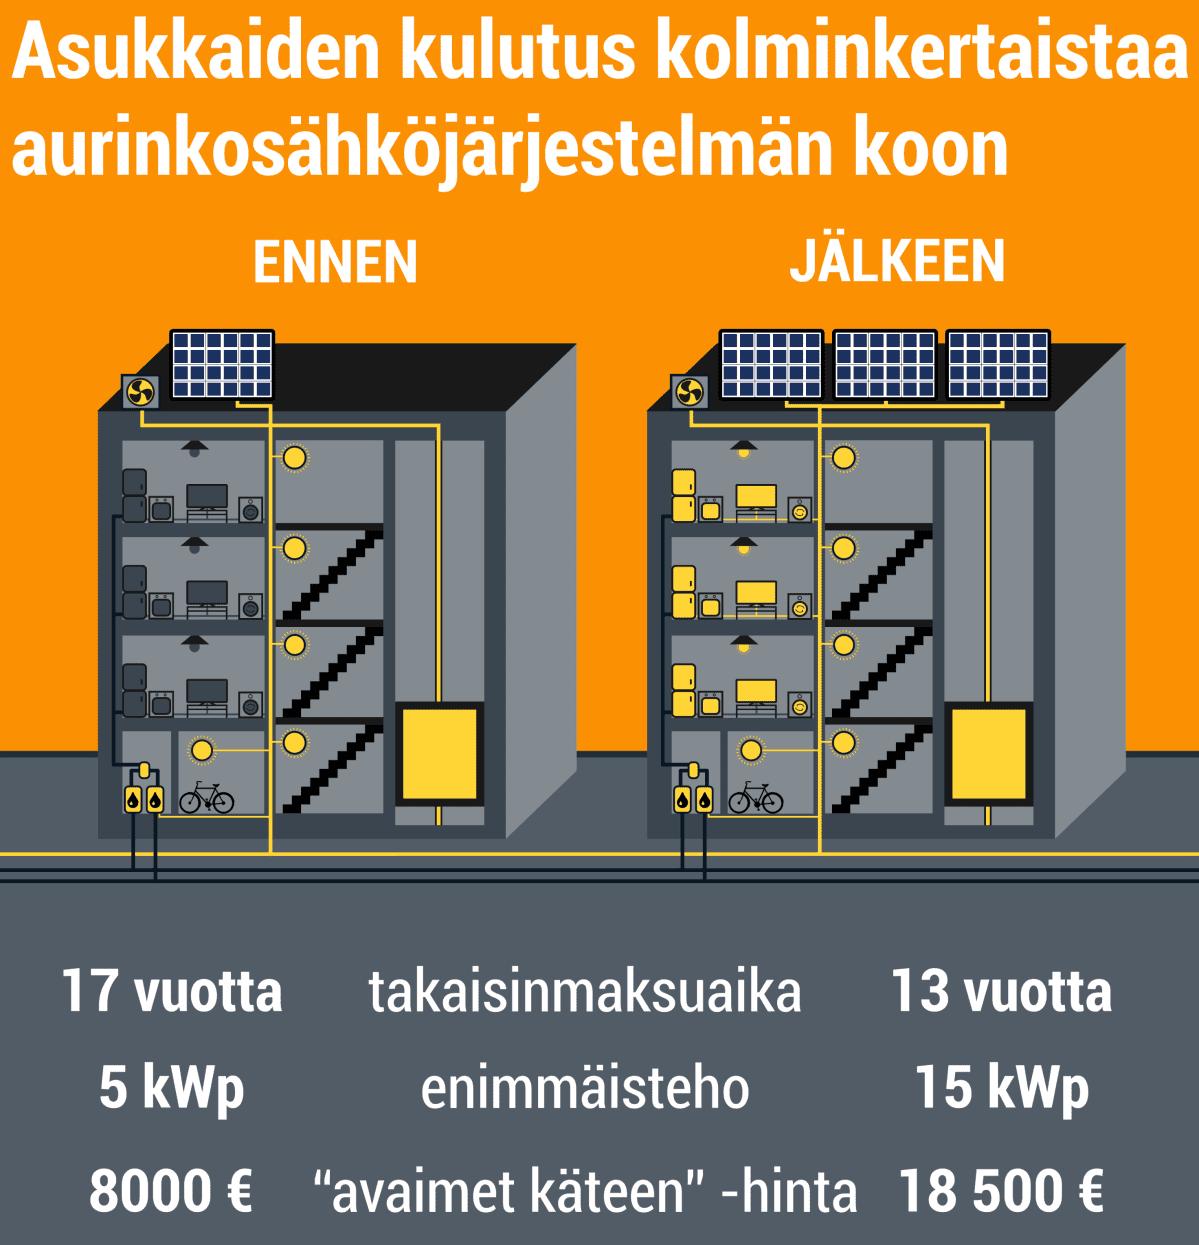 Asukkaiden kulutus kolminkertaistaa aurinkosähköjärjestelmän koon. Ennen kerrotaloon sopi parhaiten 5 kilowatin järjestelmä, joka maksoi 8000 euroa ja  takaisinmaksuaika oli 17 vuotta. Muutoksen jälkeen sopivan kokoisen järjestelmän teho nousee 15 kilowattiin. Sellaisen hinta on 18500 euroa ja takaisinmaksuaika 13 vuotta.